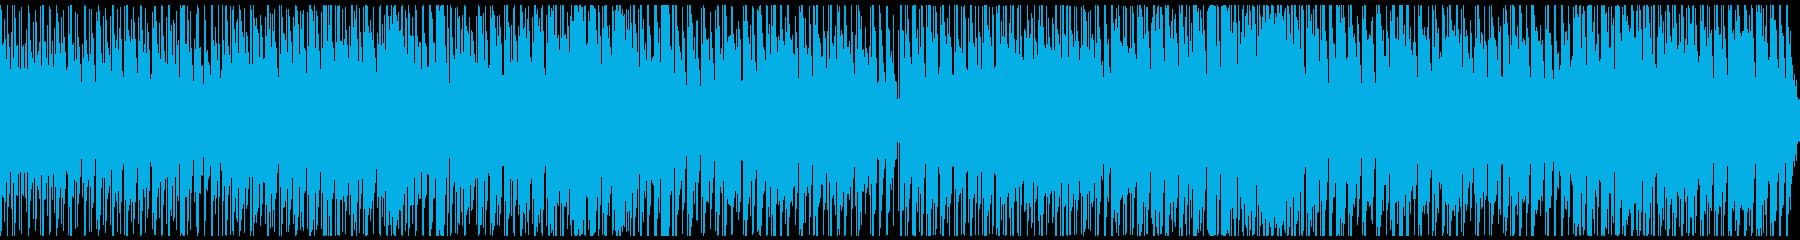 日本の夜祭りをイメージしたBGM/rの再生済みの波形